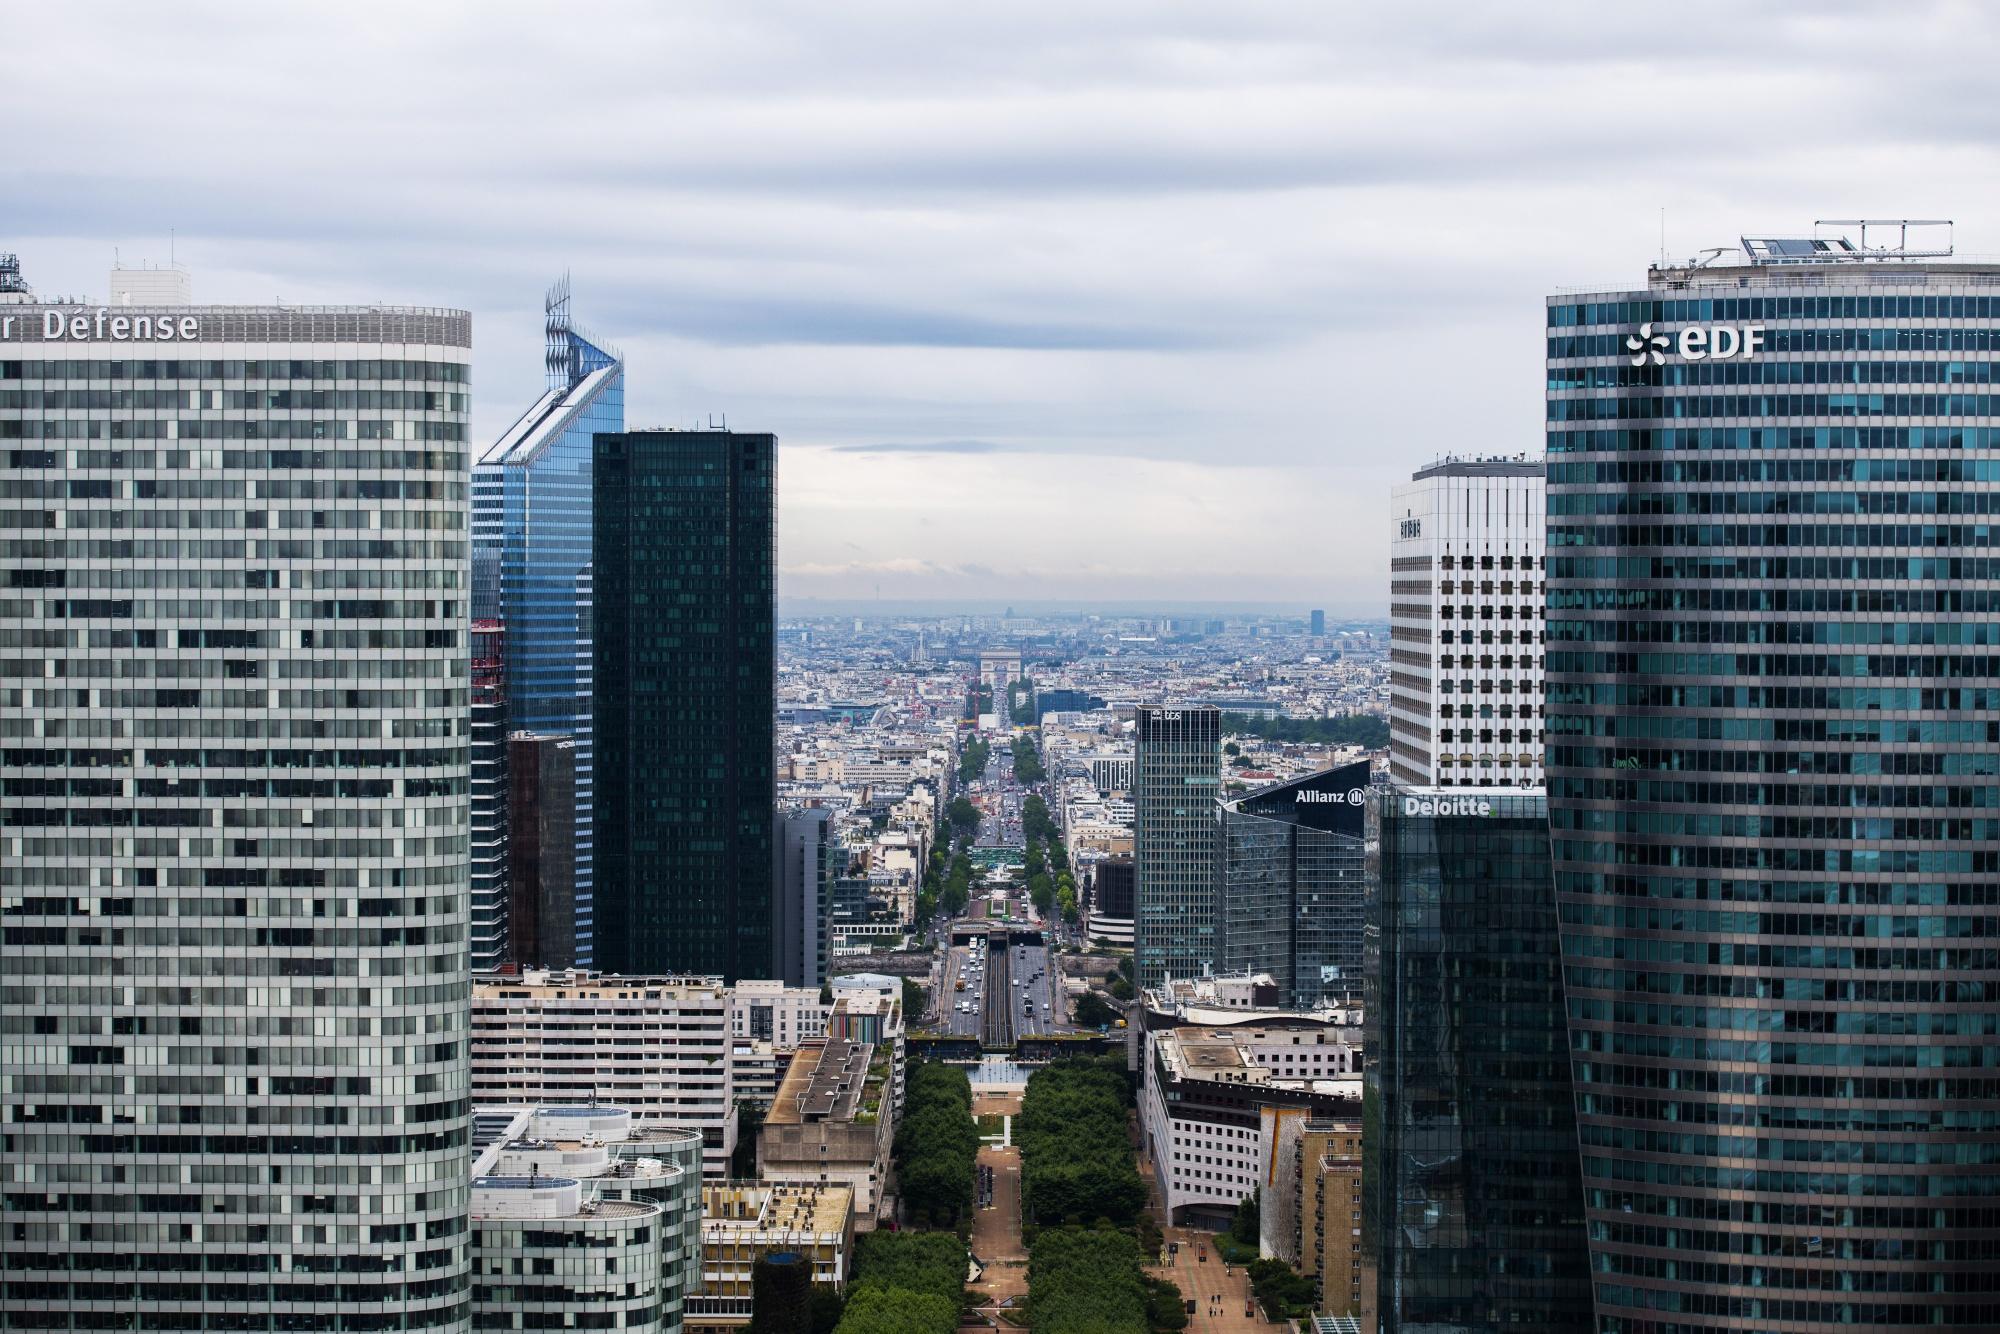 Francia excluye el nuevo bloque a medida que se extiende la variante Delta